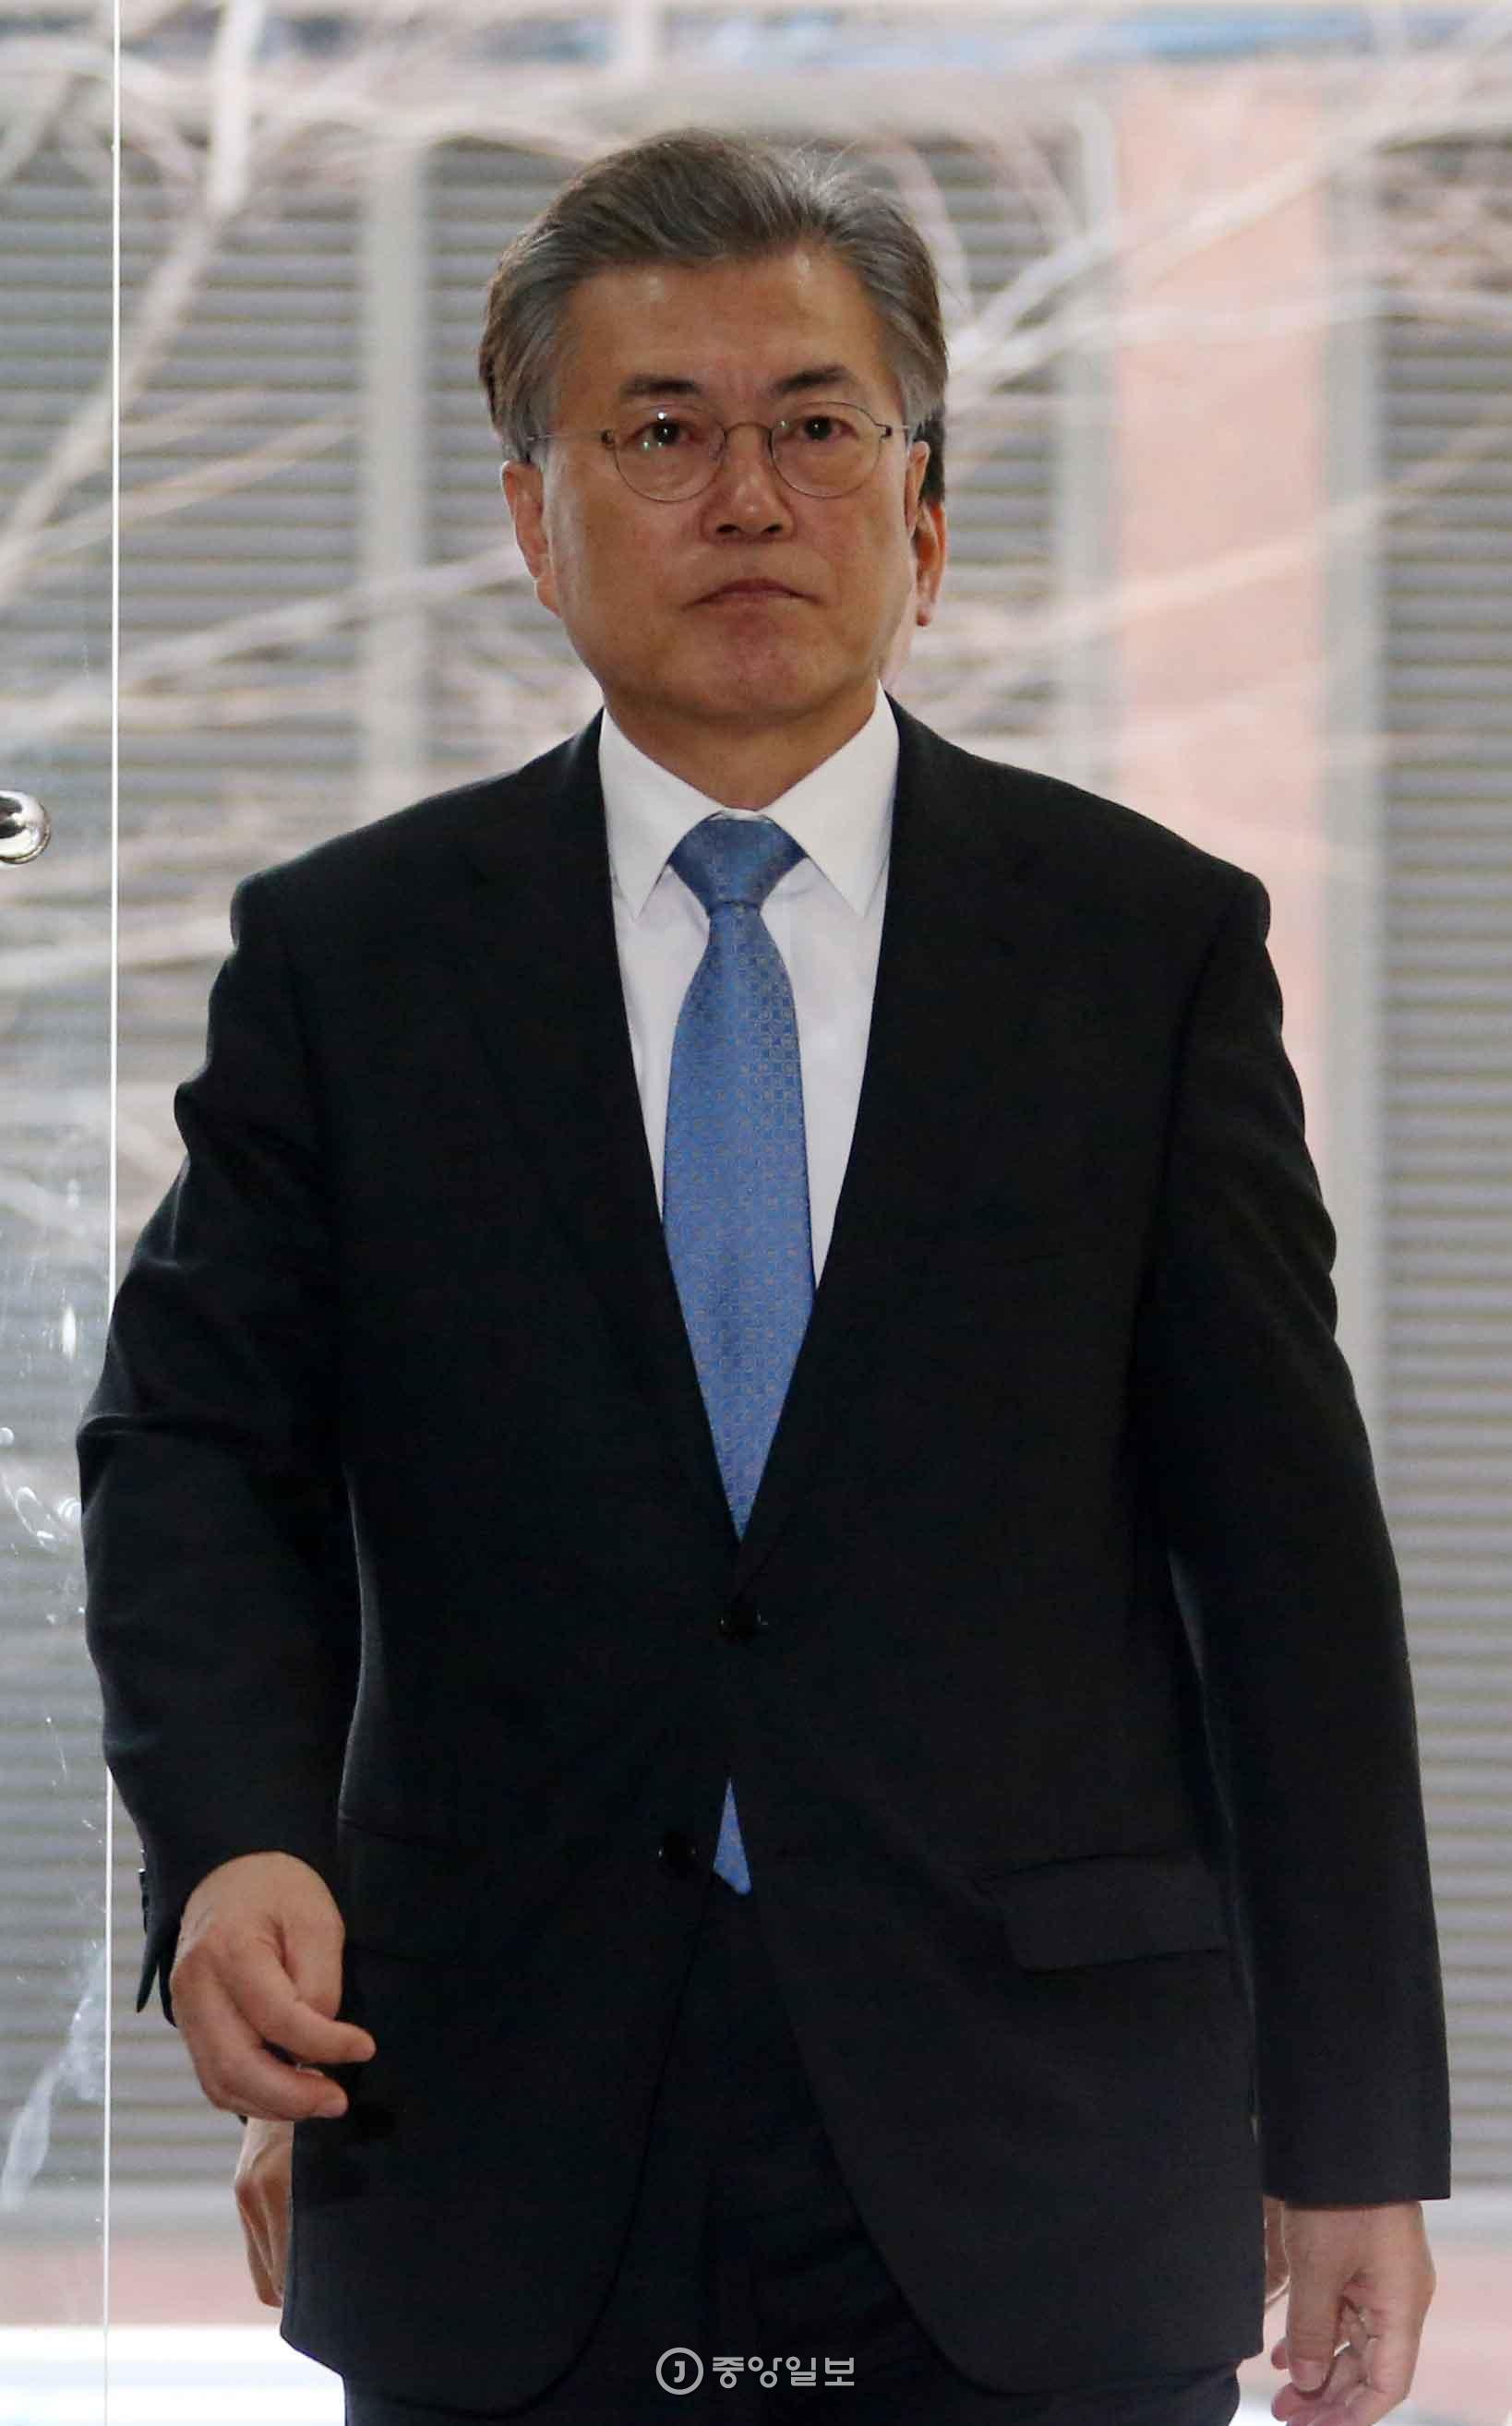 더불어민주당 문재인 전 대표